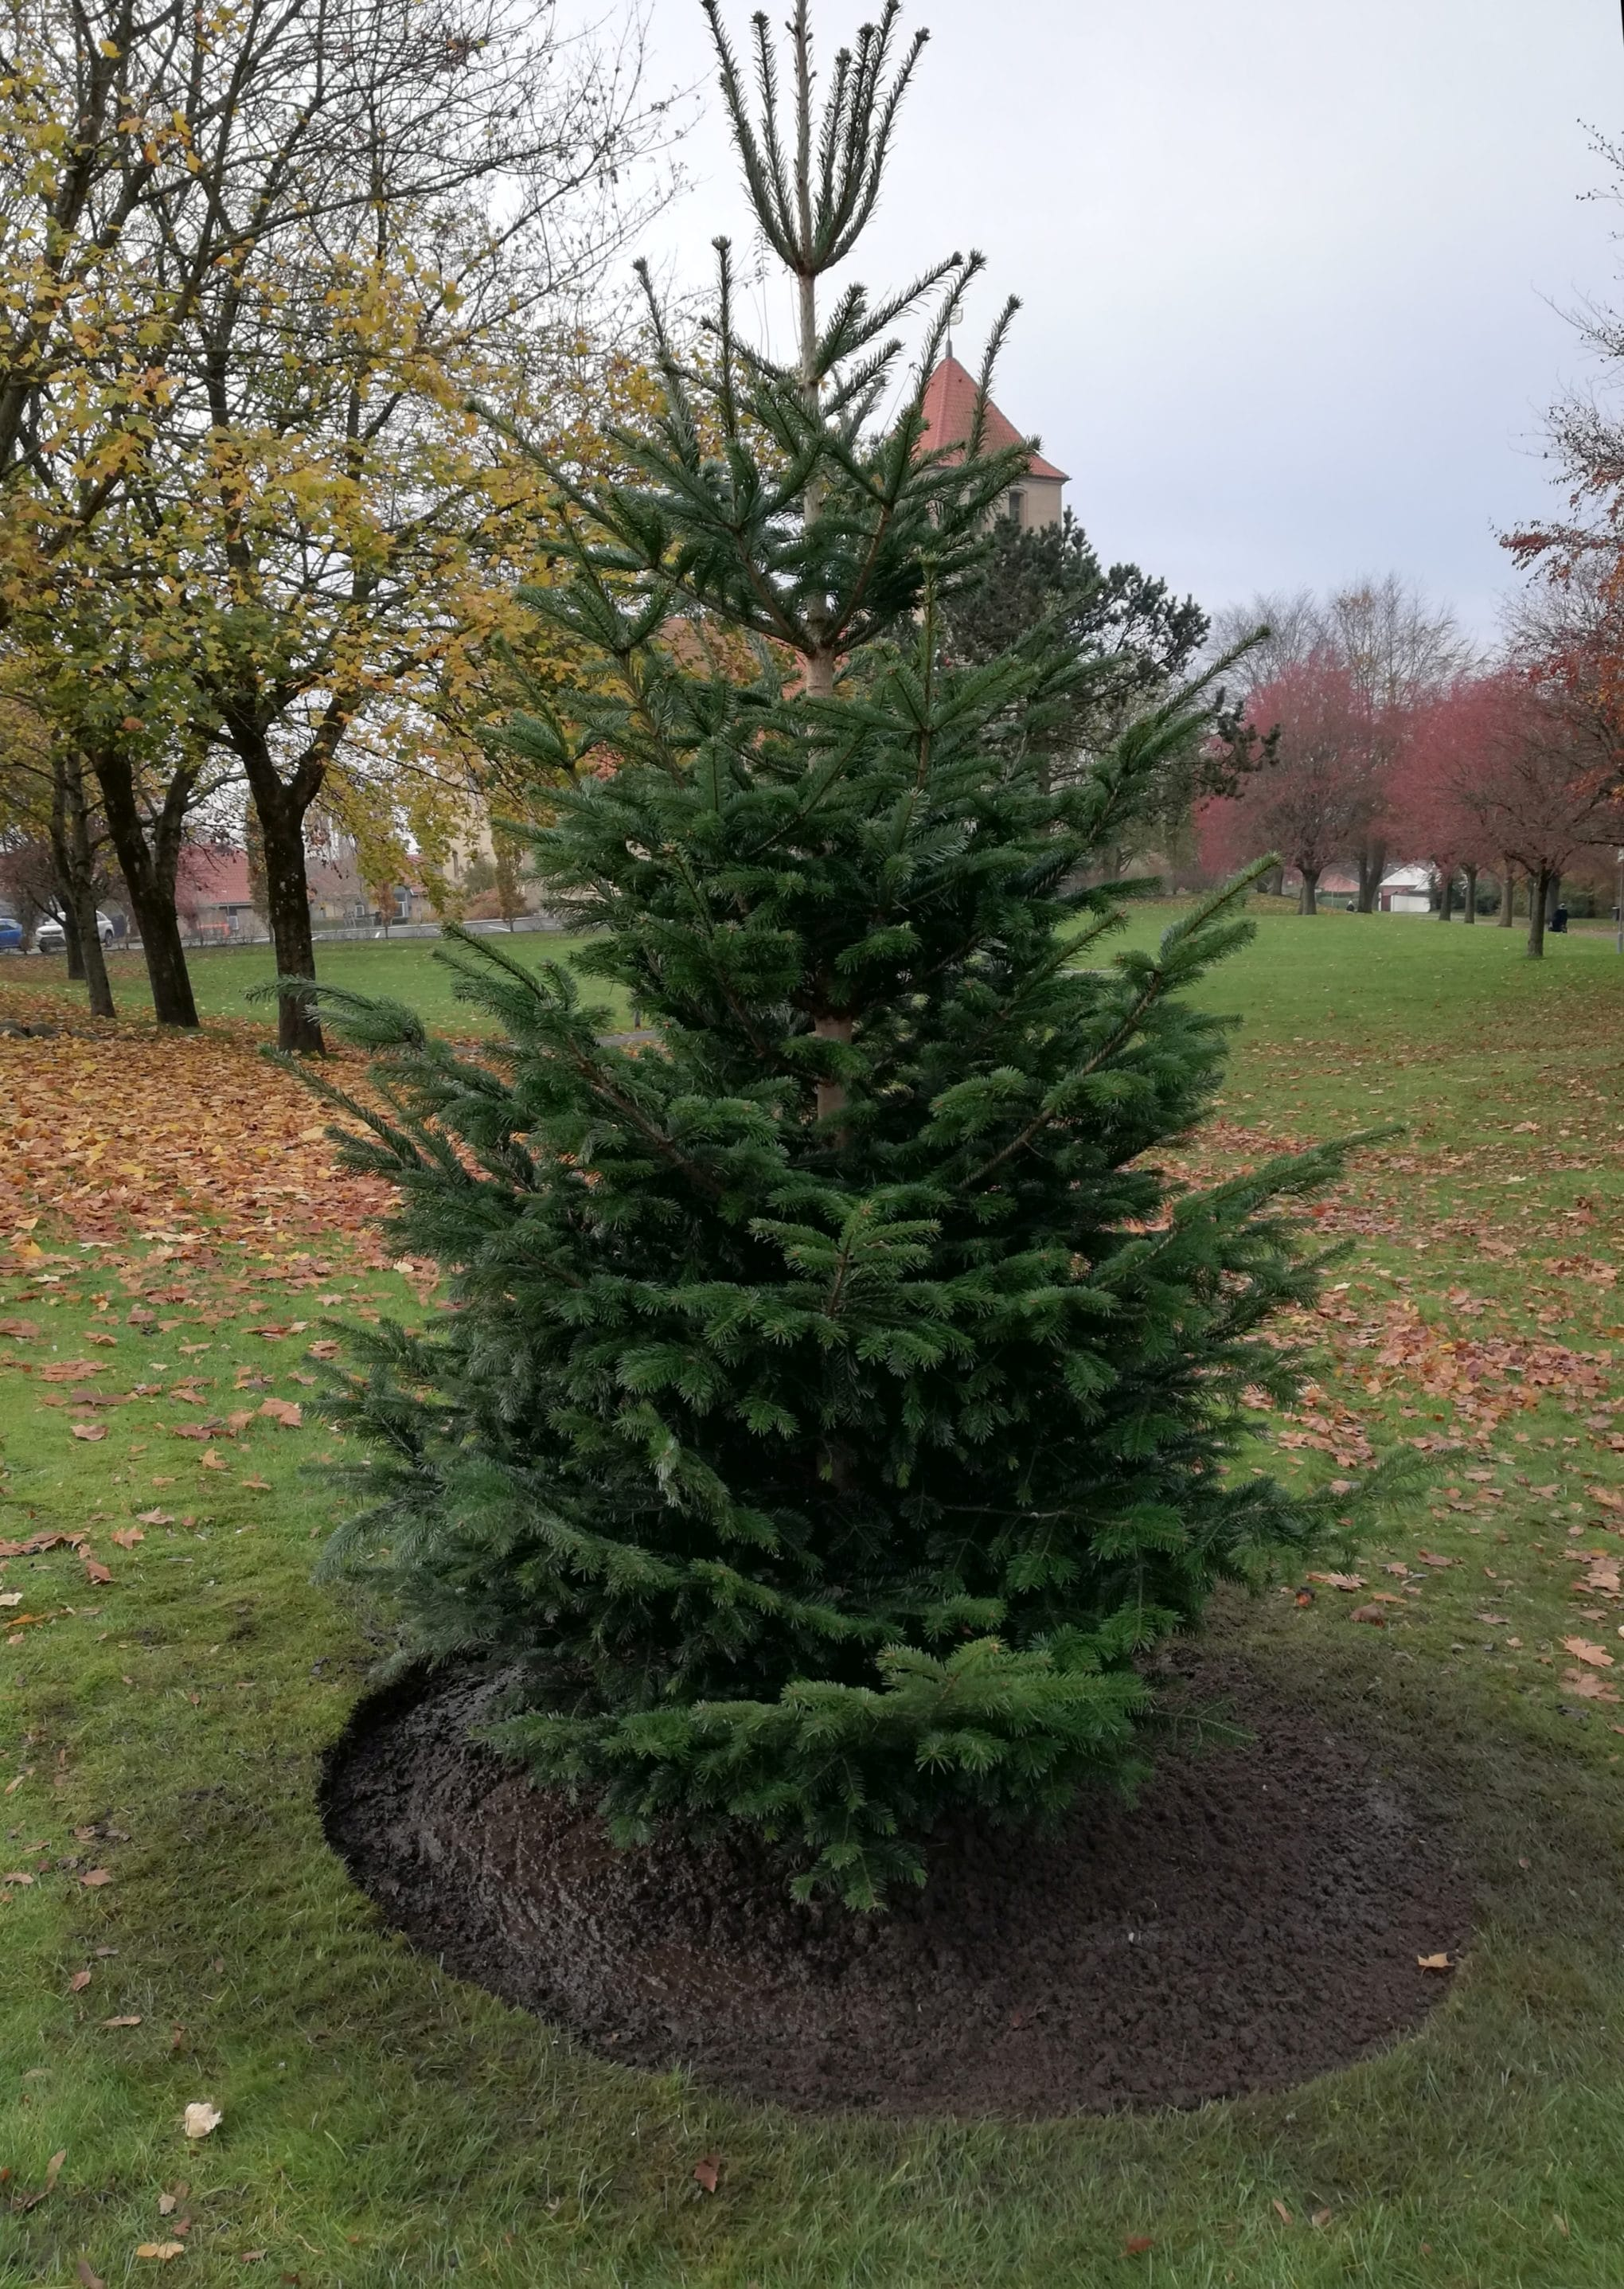 Nyt juletræ plantet ved hasseris kirke endelig placering 1 1